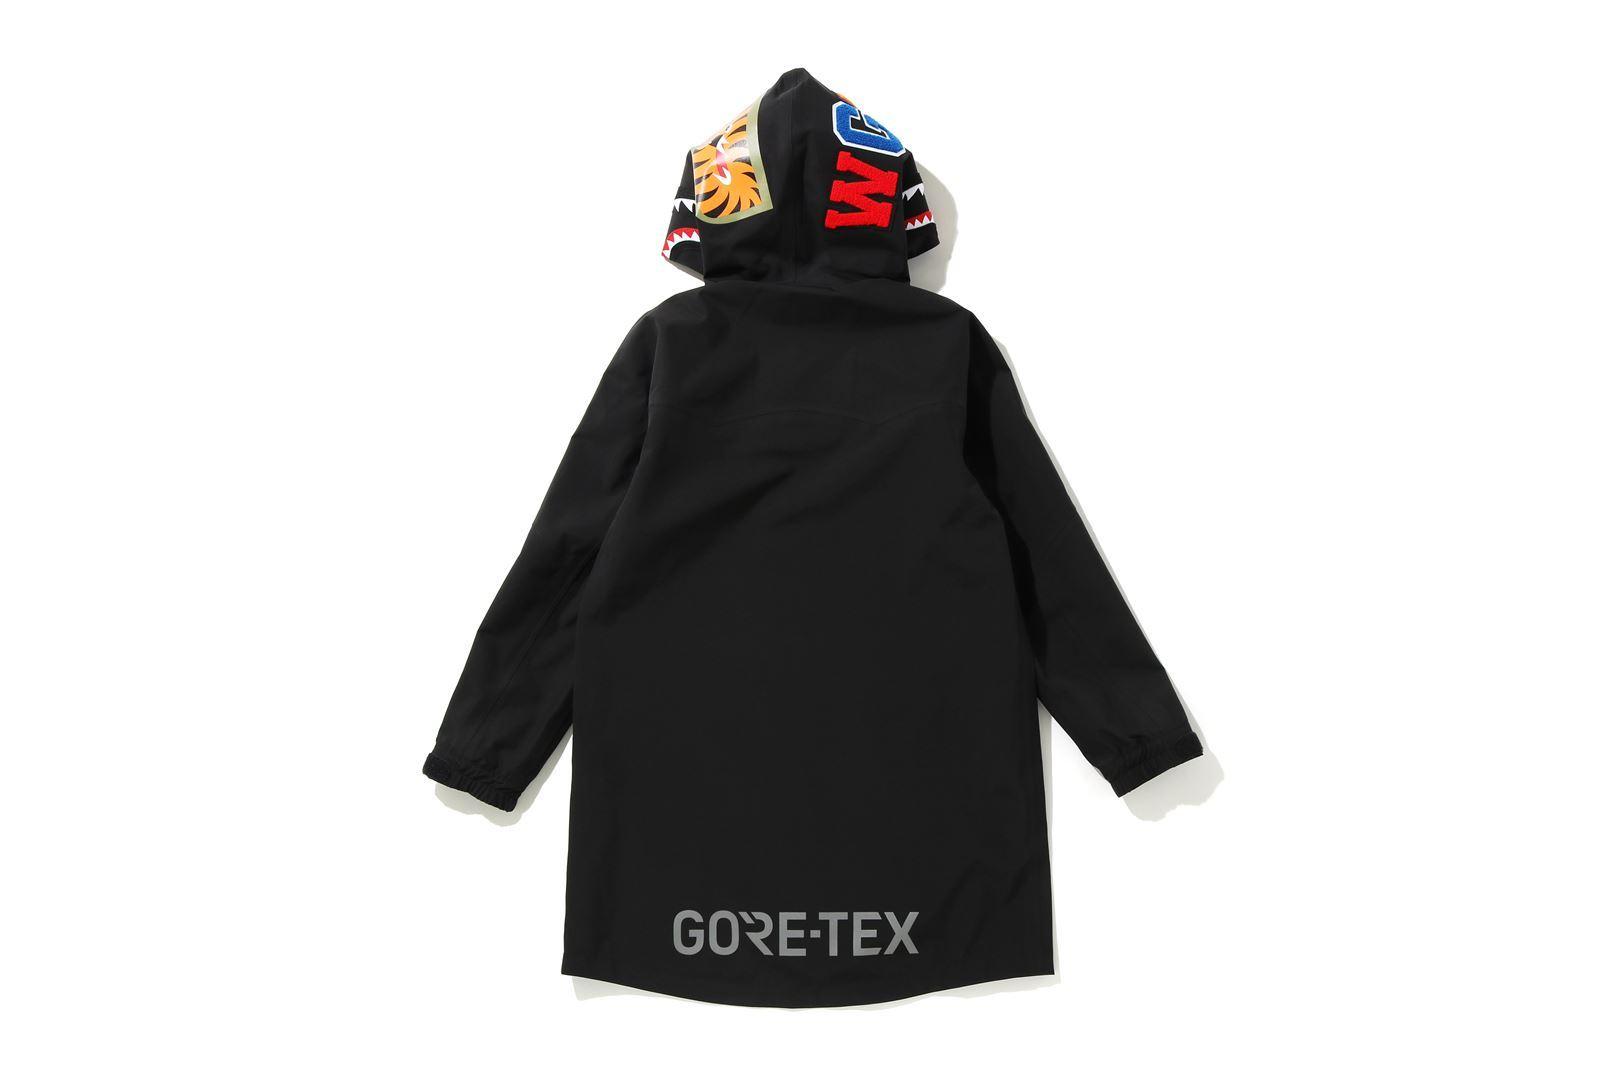 BAPE® GORE-TEX COLLECTION_a0174495_11301486.jpg